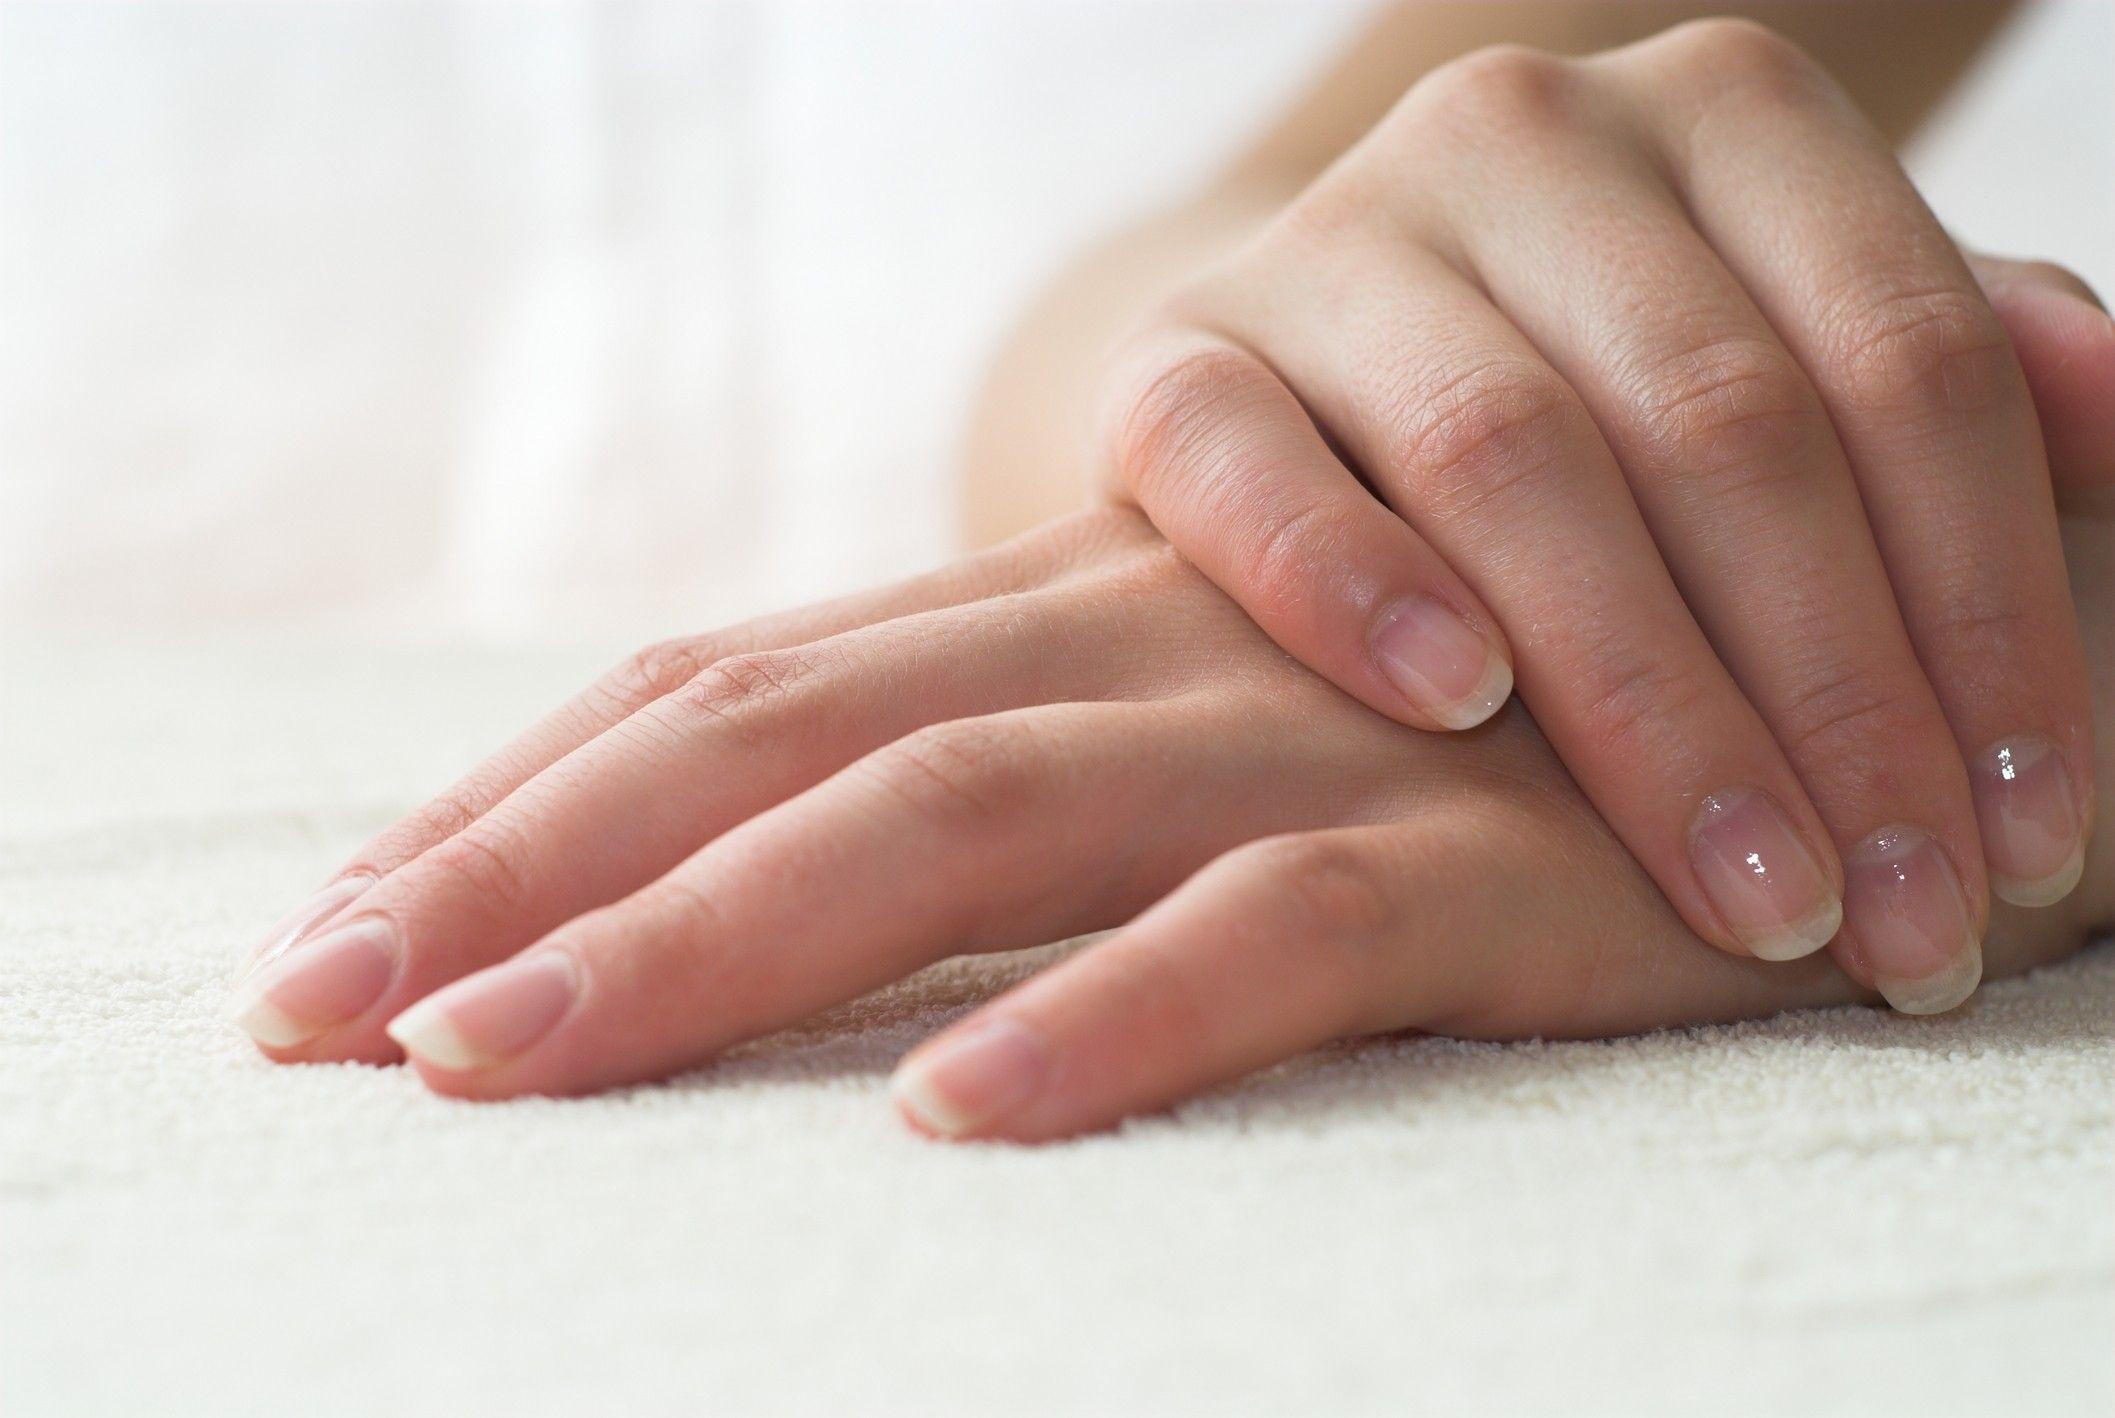 I 10 segni sulle unghie da non sottovalutare